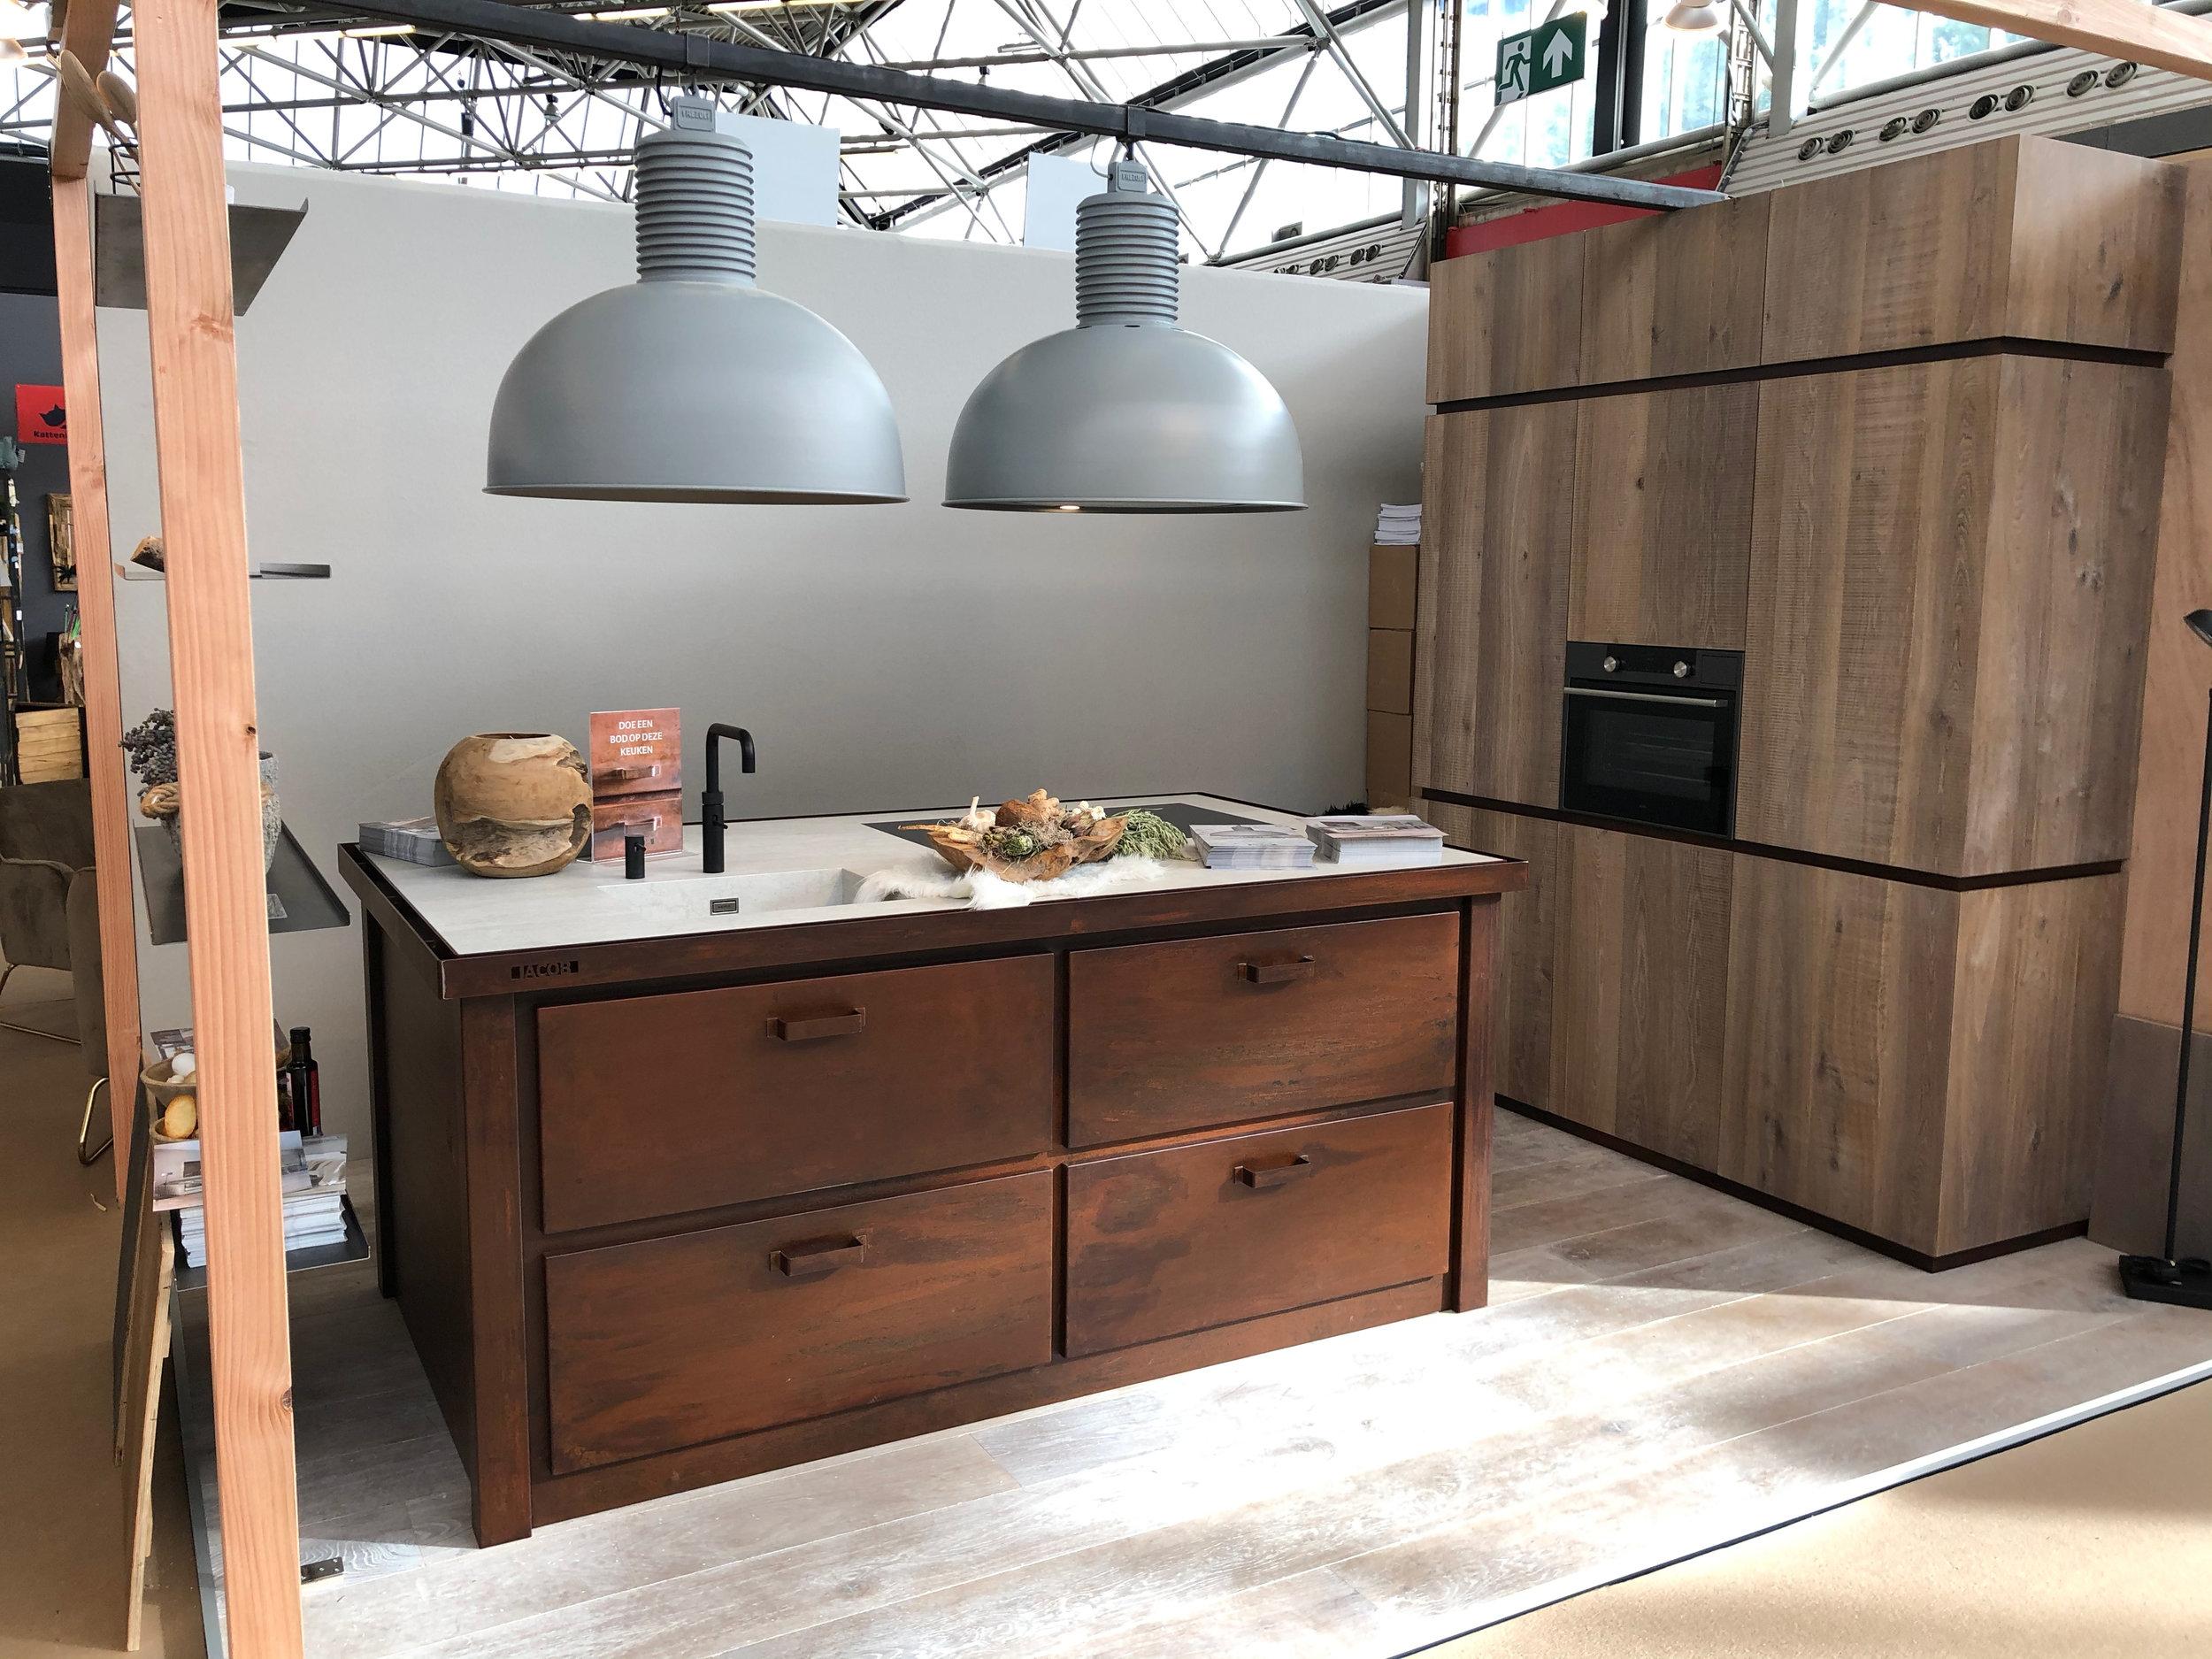 Beurs keuken model Milano verroest en verourderd staal.jpg